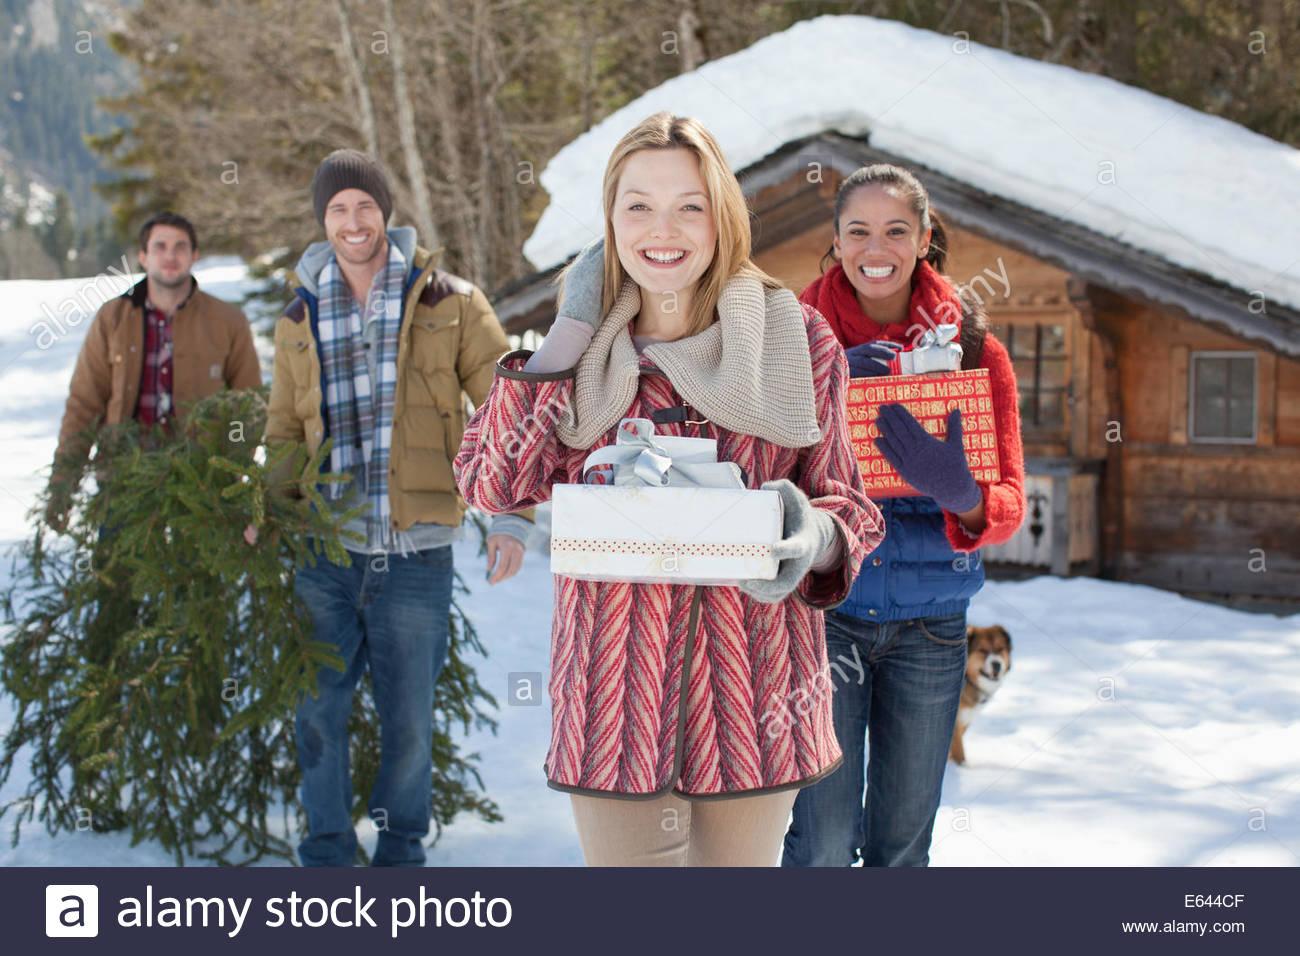 Porträt des Lächelns Paare mit frisch geschnittenen Weihnachtsbaum und Geschenke im Schnee Stockbild